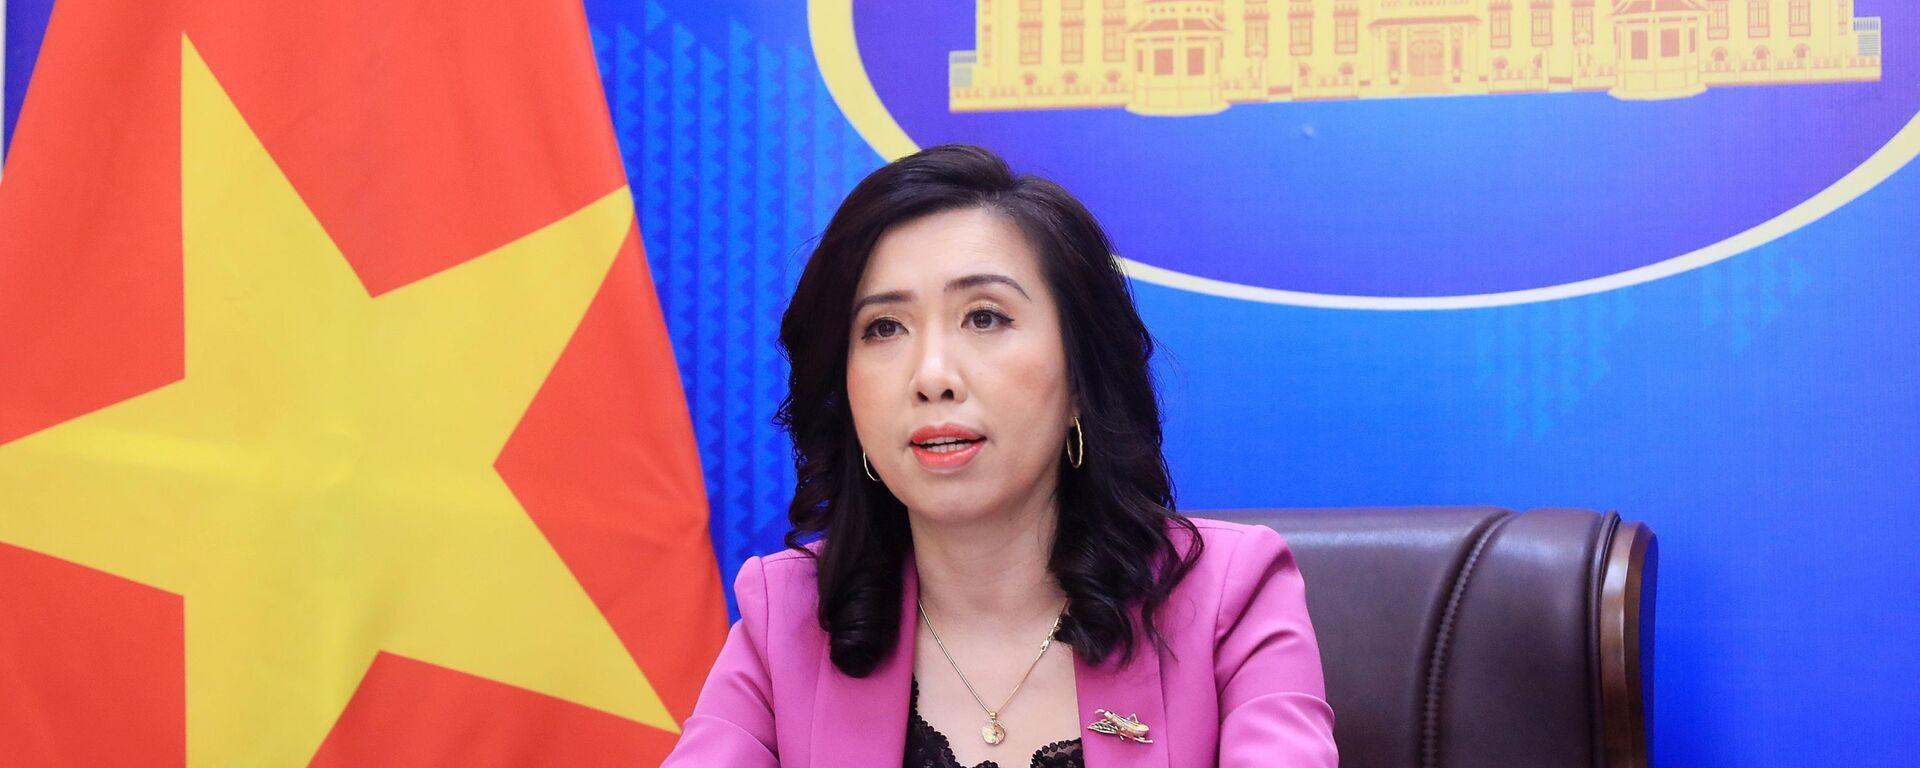 Người phát ngôn Bộ Ngoại giao Lê Thị Thu Hằng chủ trì họp báo - Sputnik Việt Nam, 1920, 07.10.2021